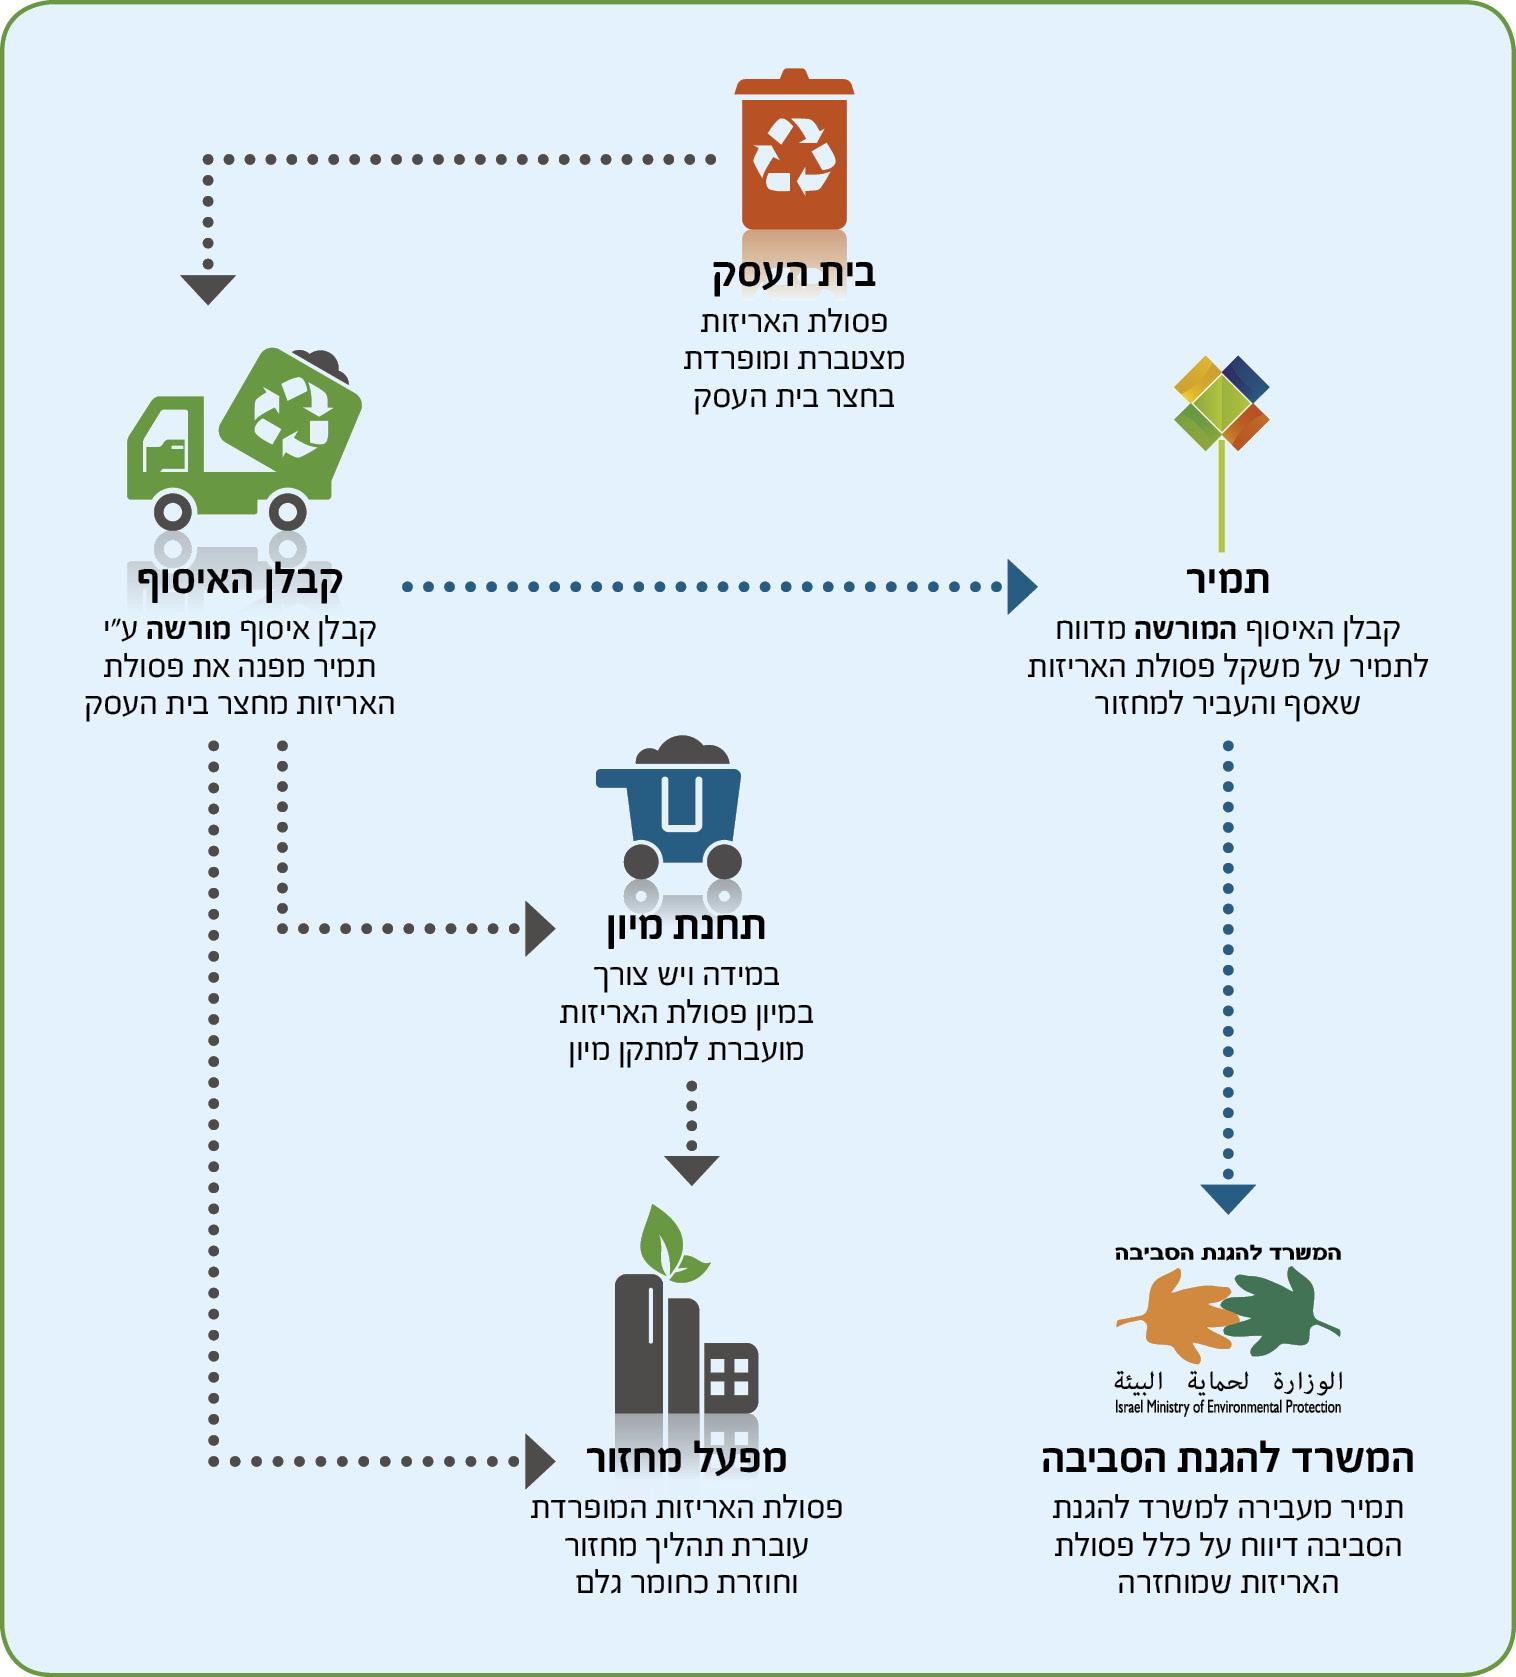 תרשים זרימת פסולת אריזות מבית העסק למפעל המחזור